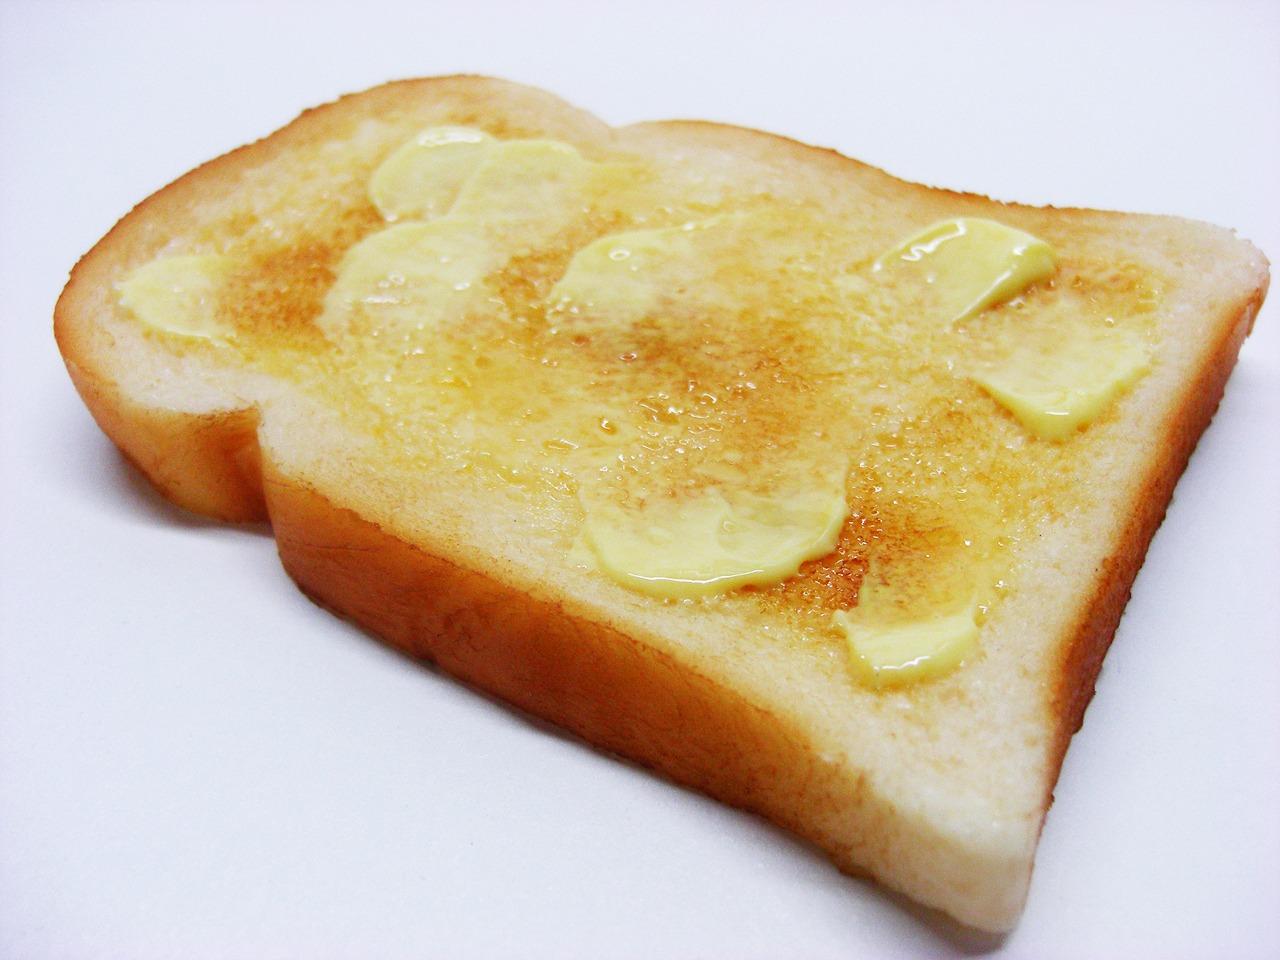 比較!トーストはバターが安全でマーガリンは危険?絶品レシピ公開